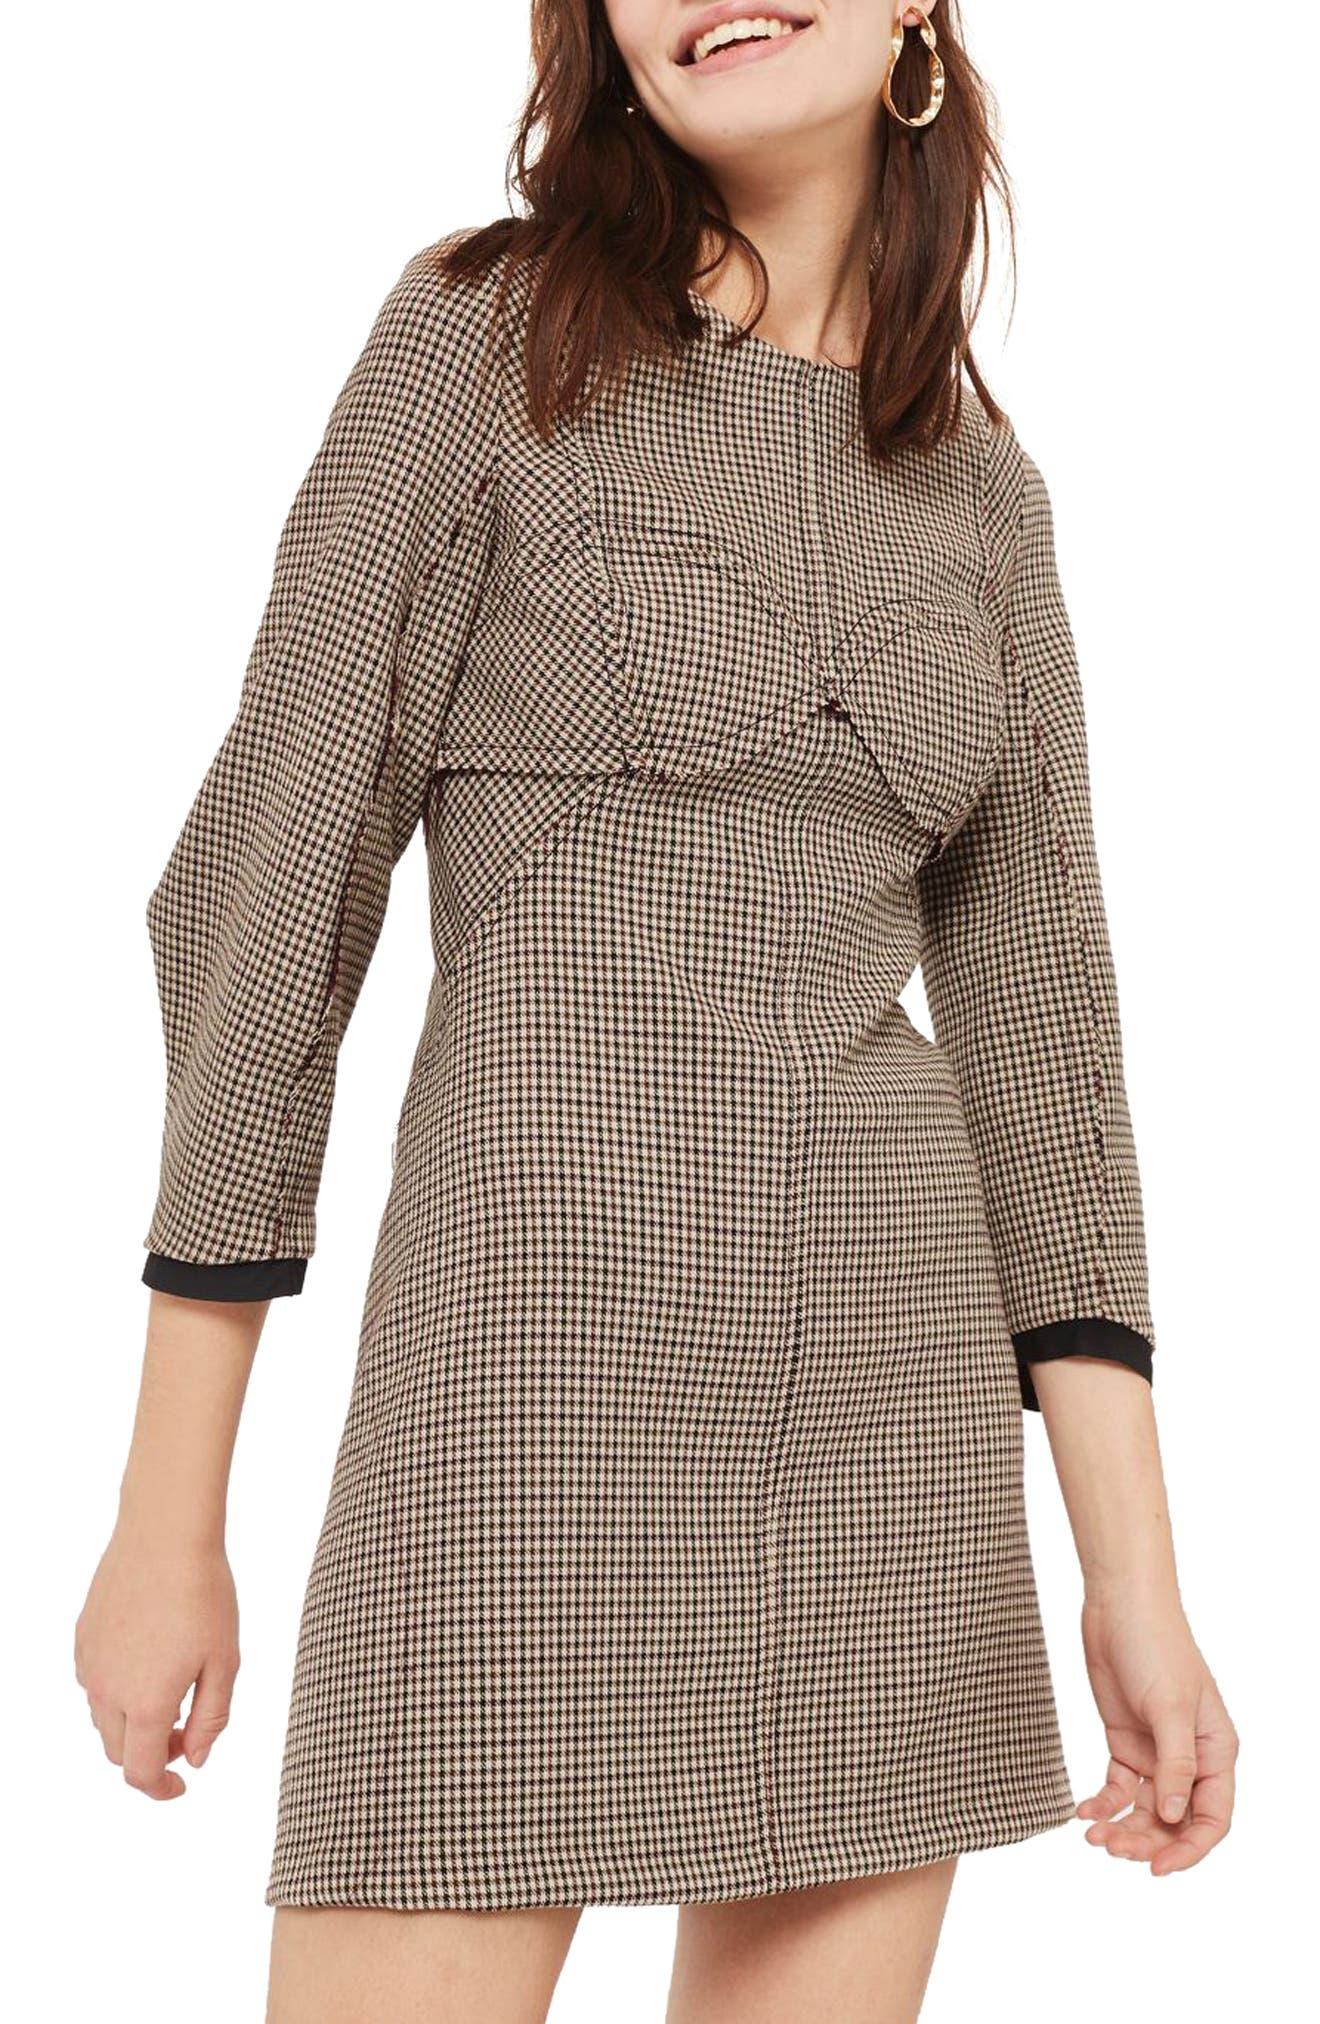 Topstitch Check Shift Dress,                         Main,                         color, Brown Multi